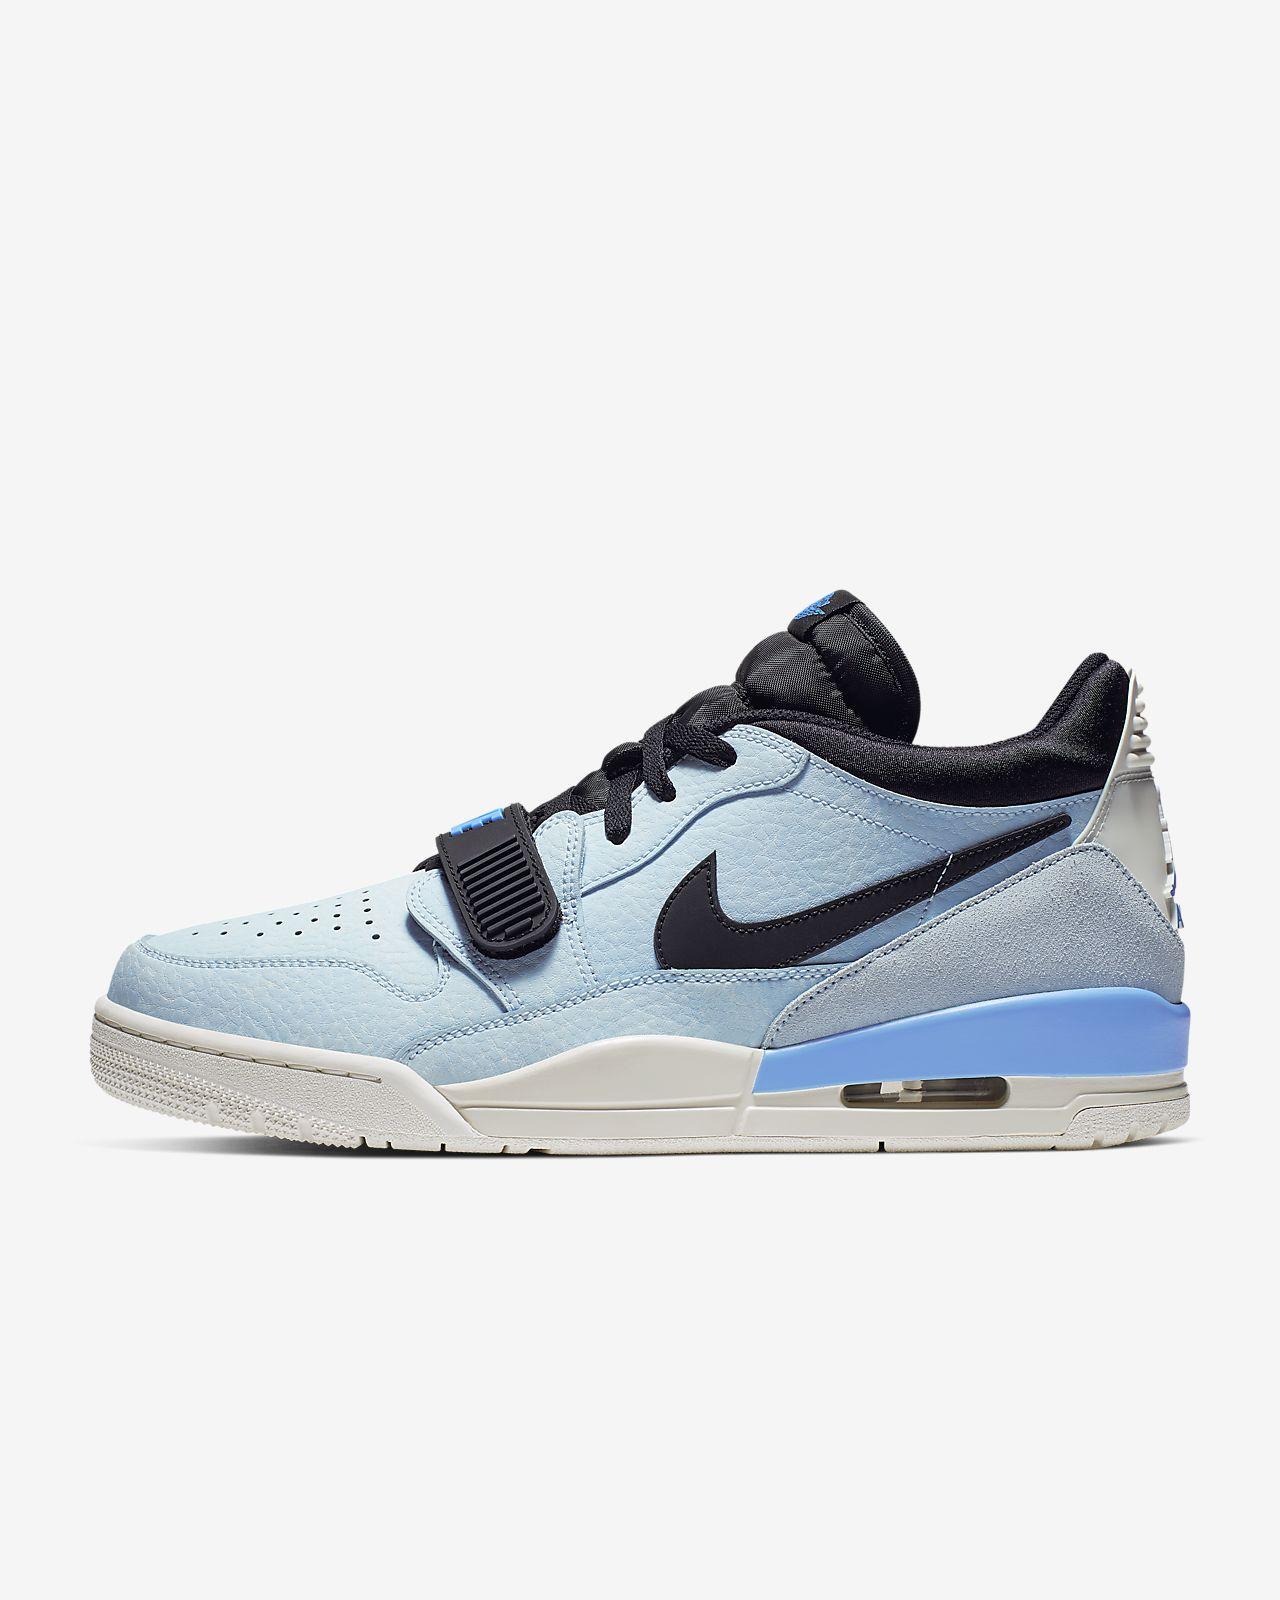 Air Jordan Legacy 312 Low 男子运动鞋